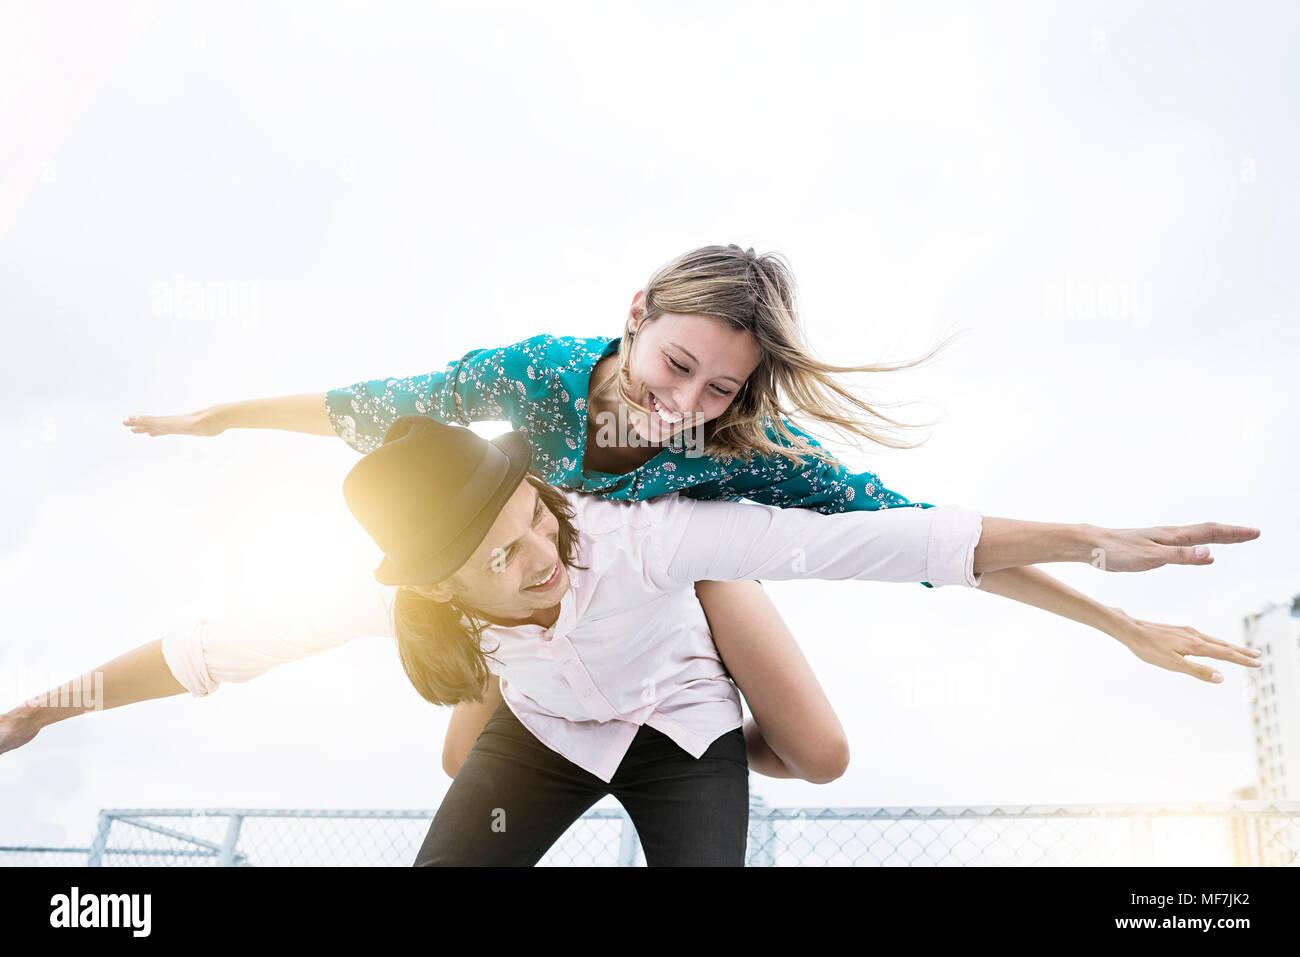 Young affectionate couple s'amuser ensemble sur le toit, en faisant semblant de voler Photo Stock